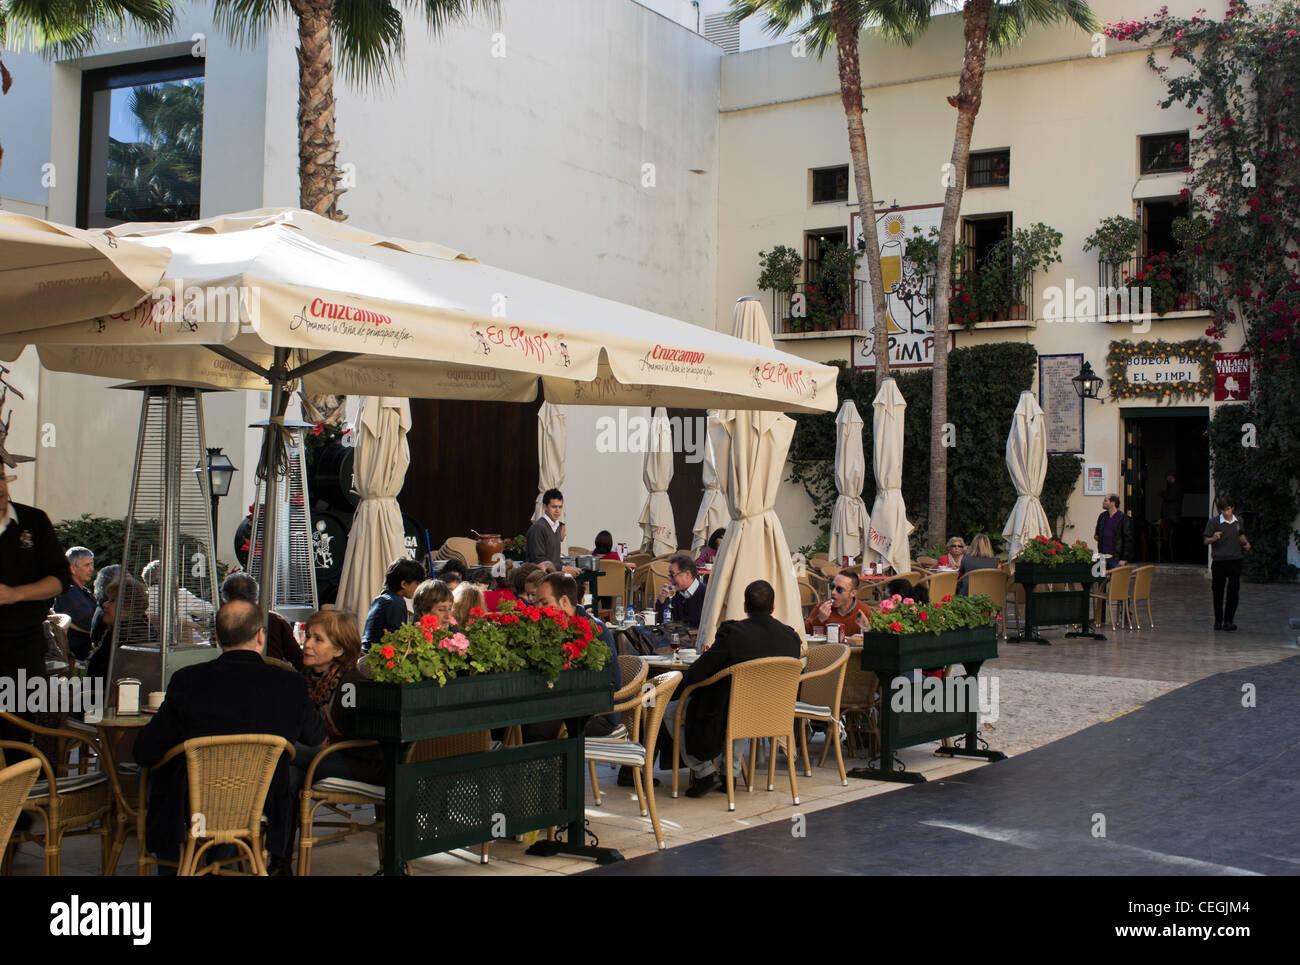 Bodega Bar El Pimpi Malaga Costa Del Sol Andalucia Spain Stock